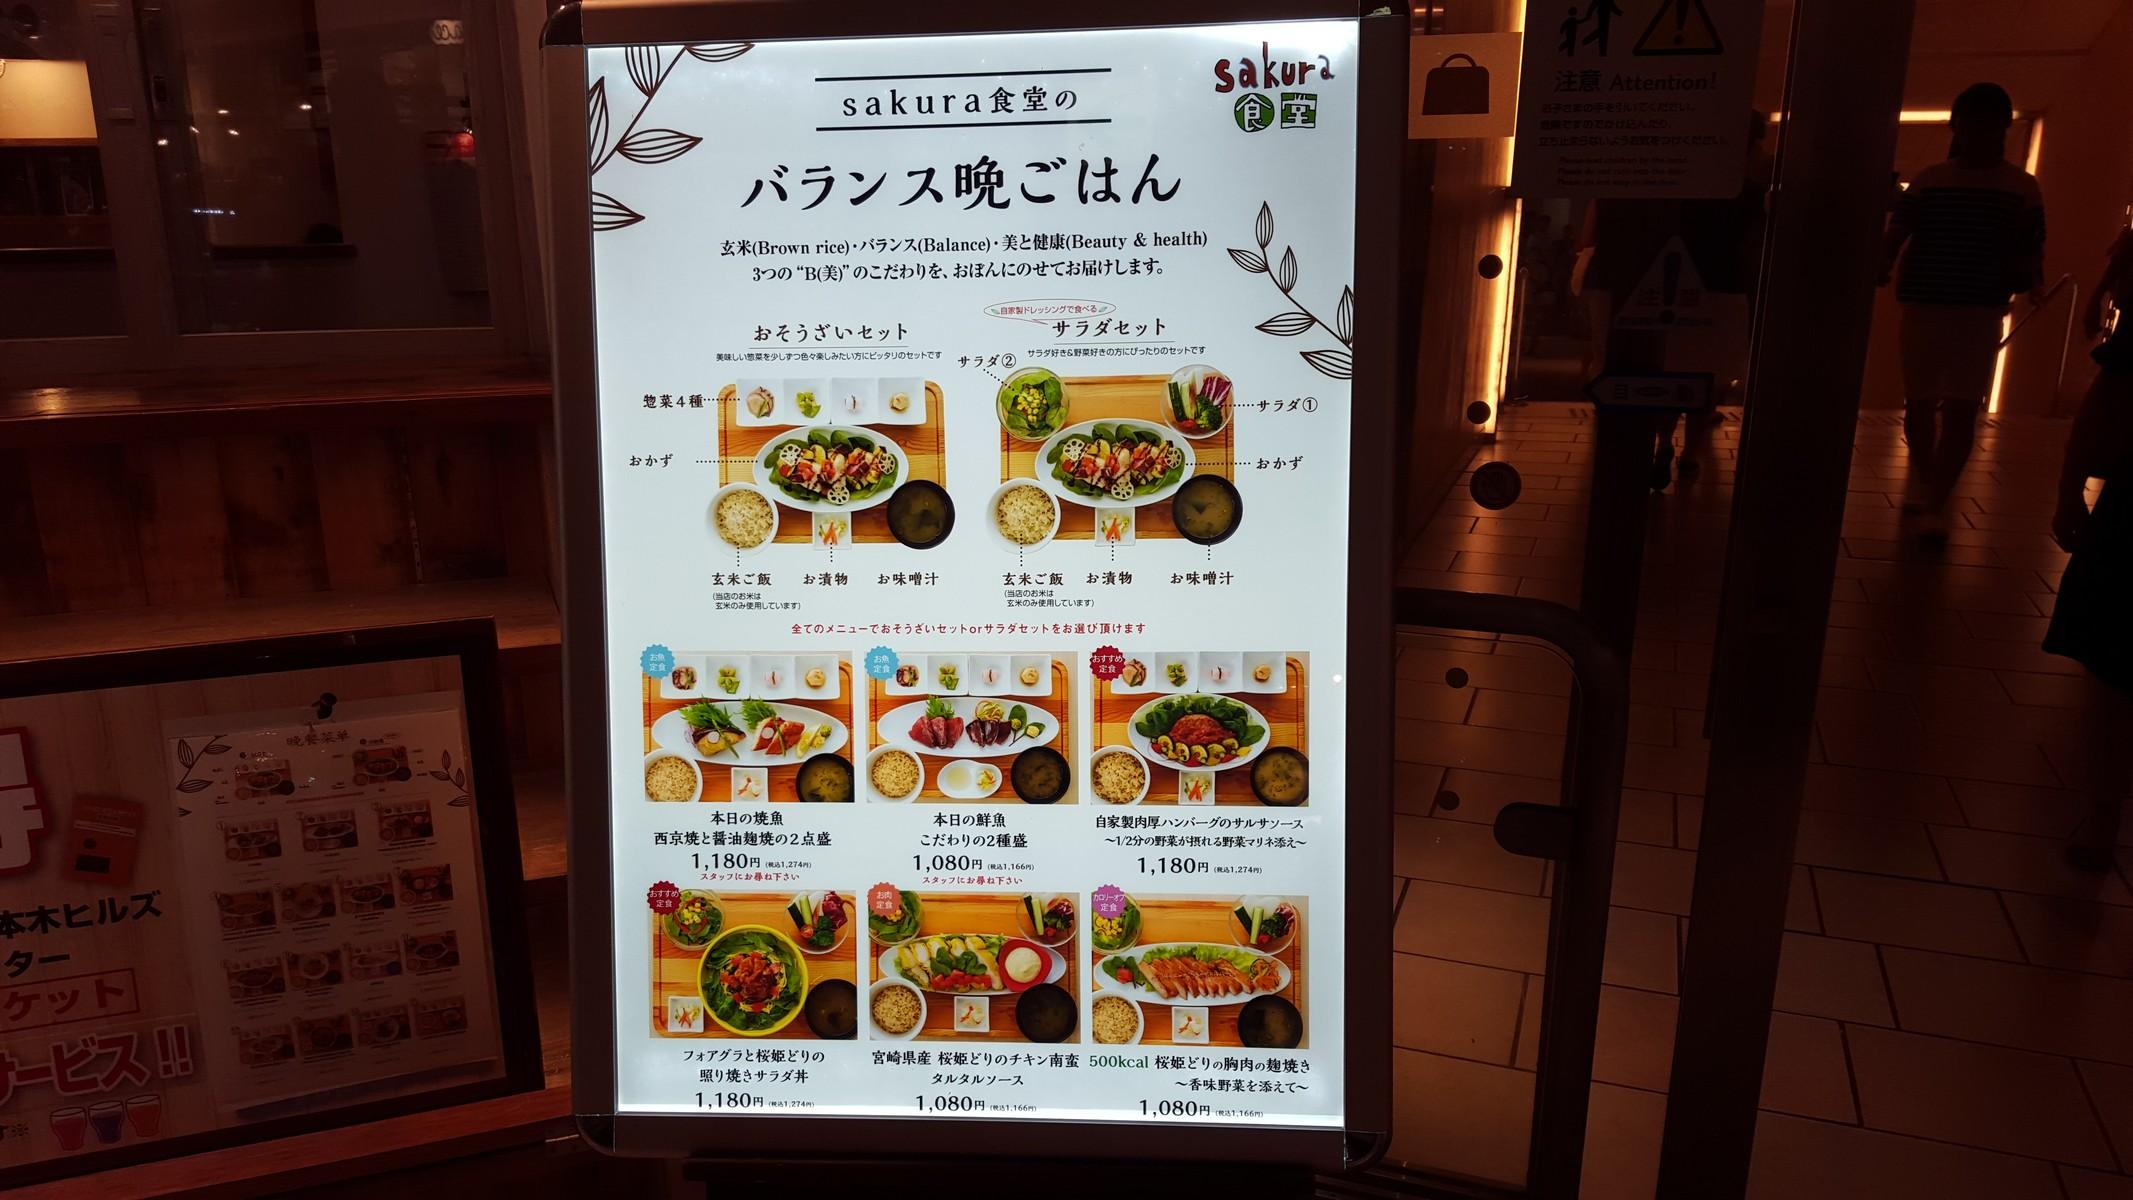 メニュー看板【sakura食堂/六本木】